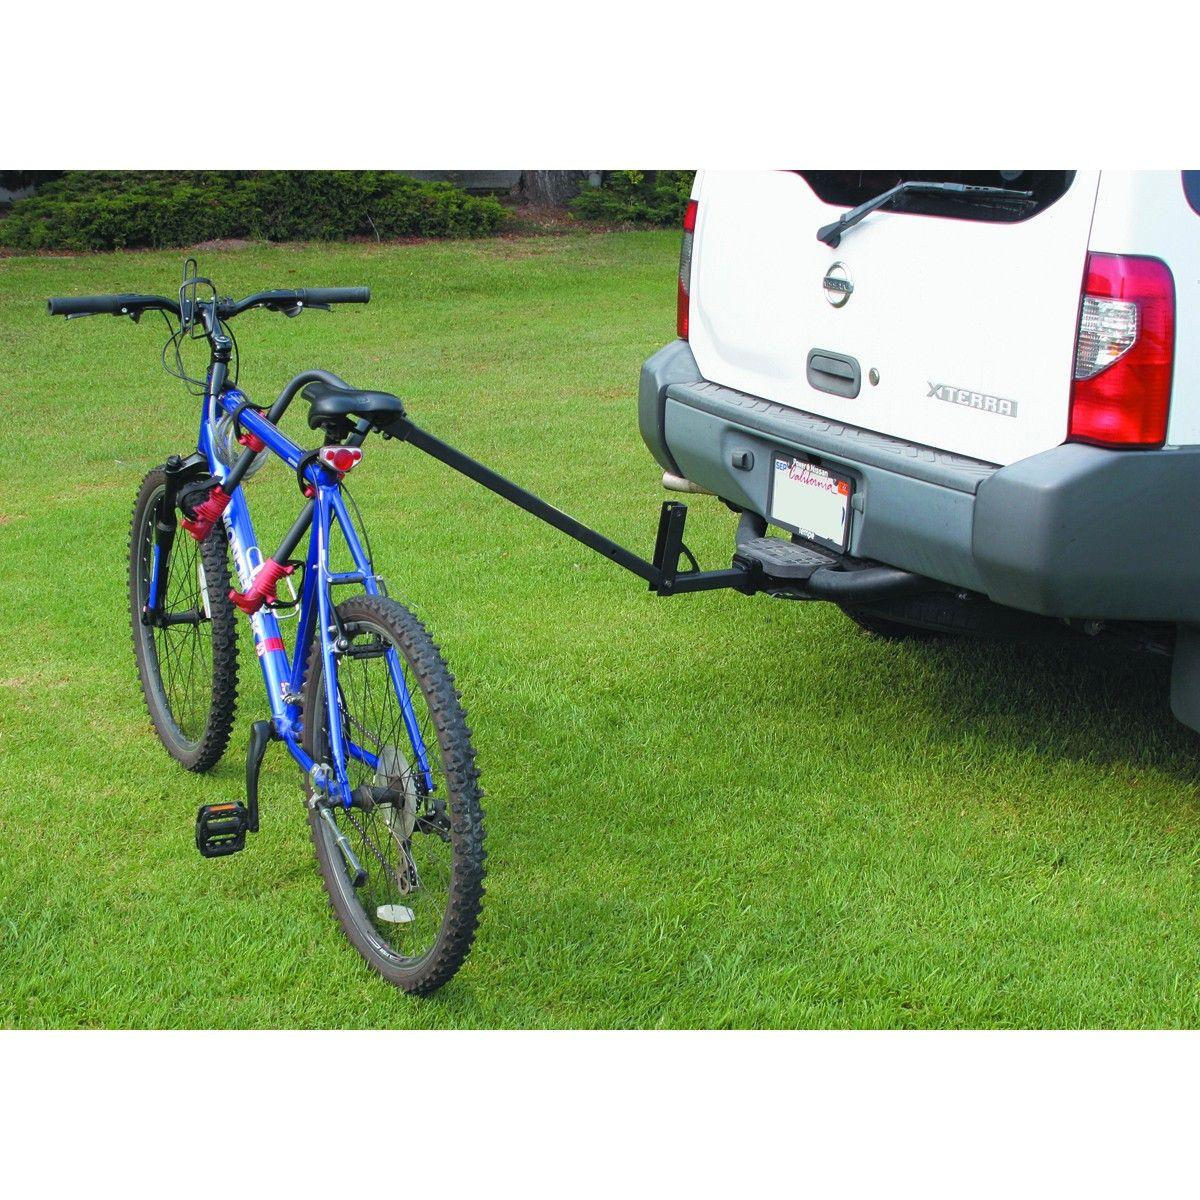 Two Bike Hitch Mount Bike Rack Bike Hitch Best Bike Rack Trendy Bike